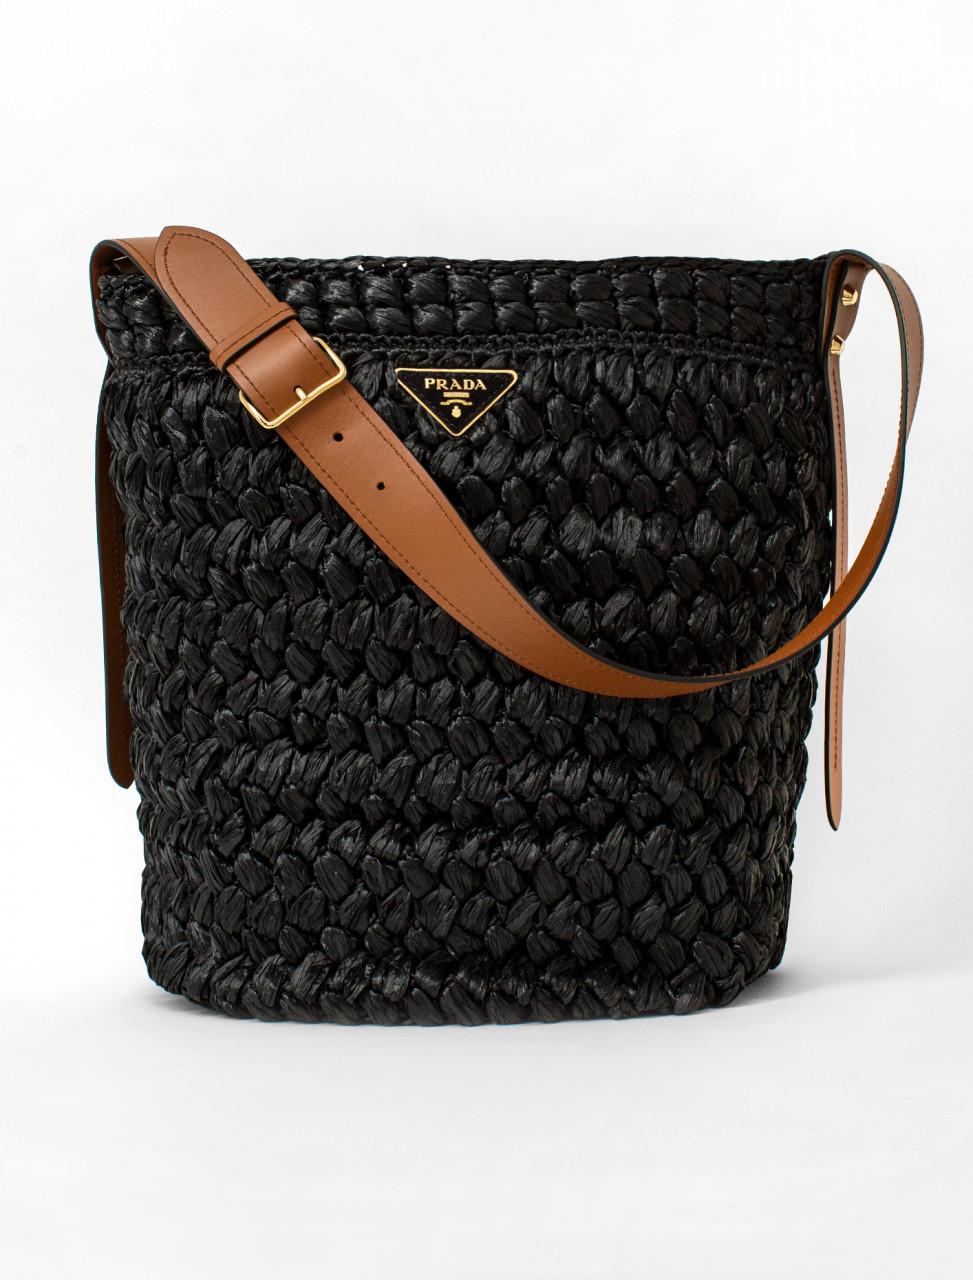 Viscose Raffia Handbag in Black and Cognac